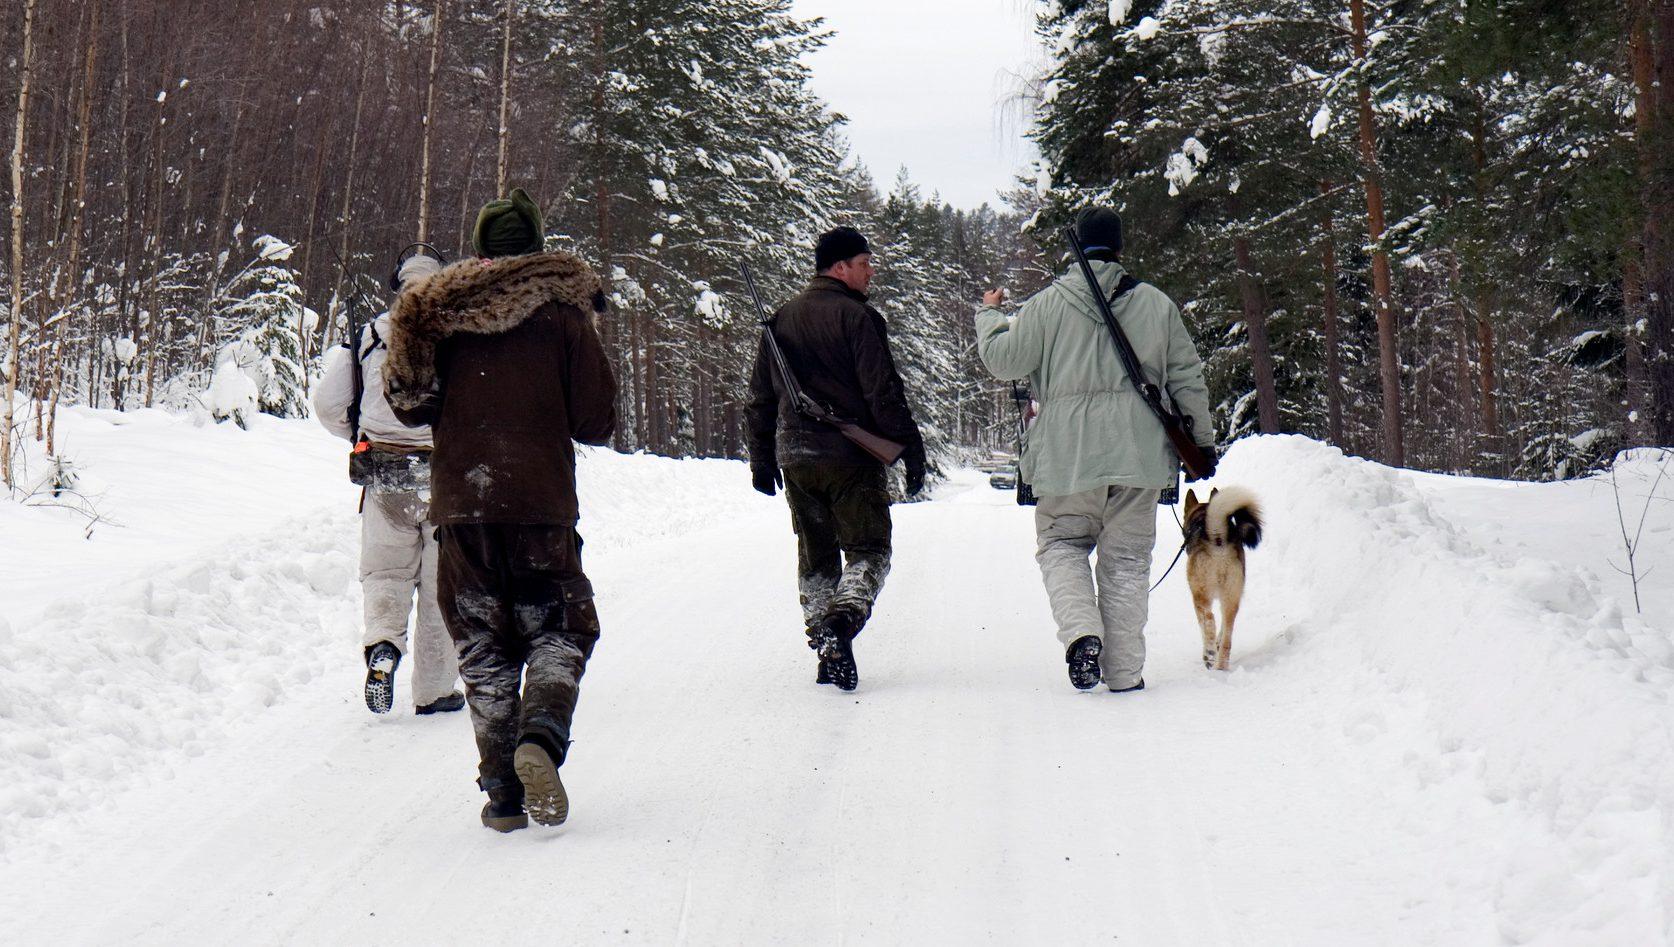 Förvaltningsrätten i Luleå avslår överklaganden av licensjakten i fyra län. Foto: unknown